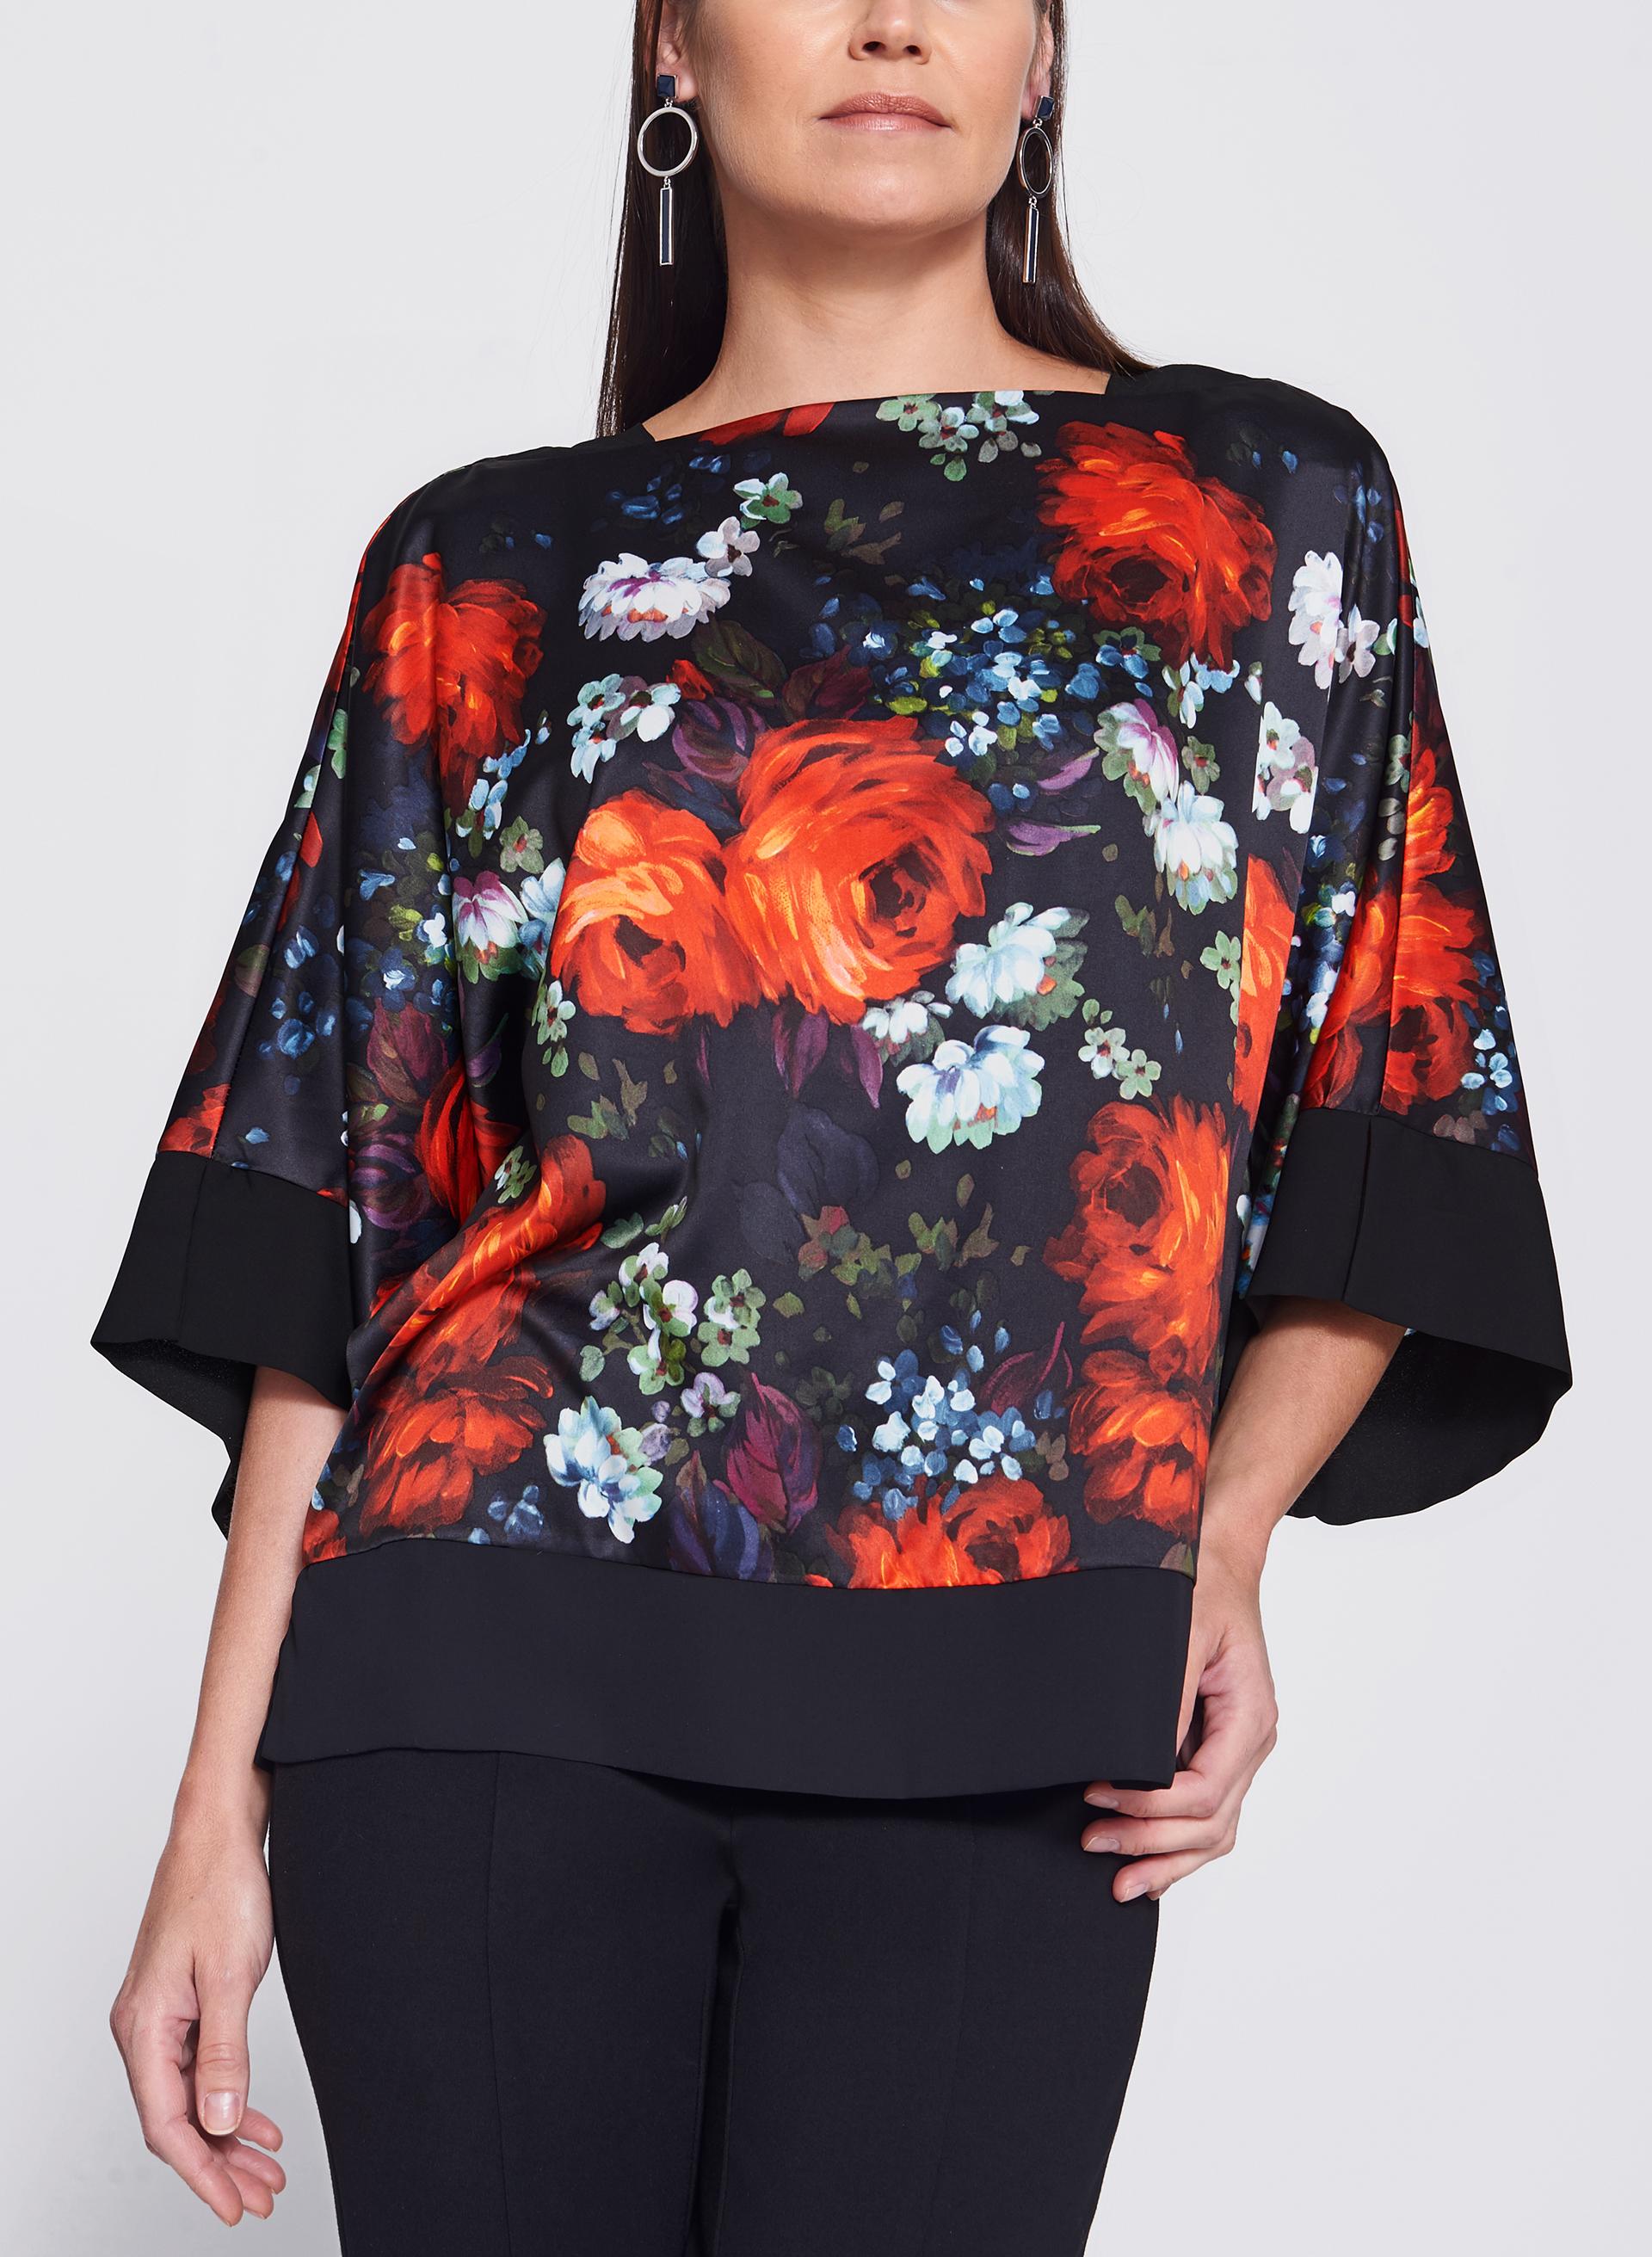 Floral Print Satin Kimono Top | Melanie Lyne